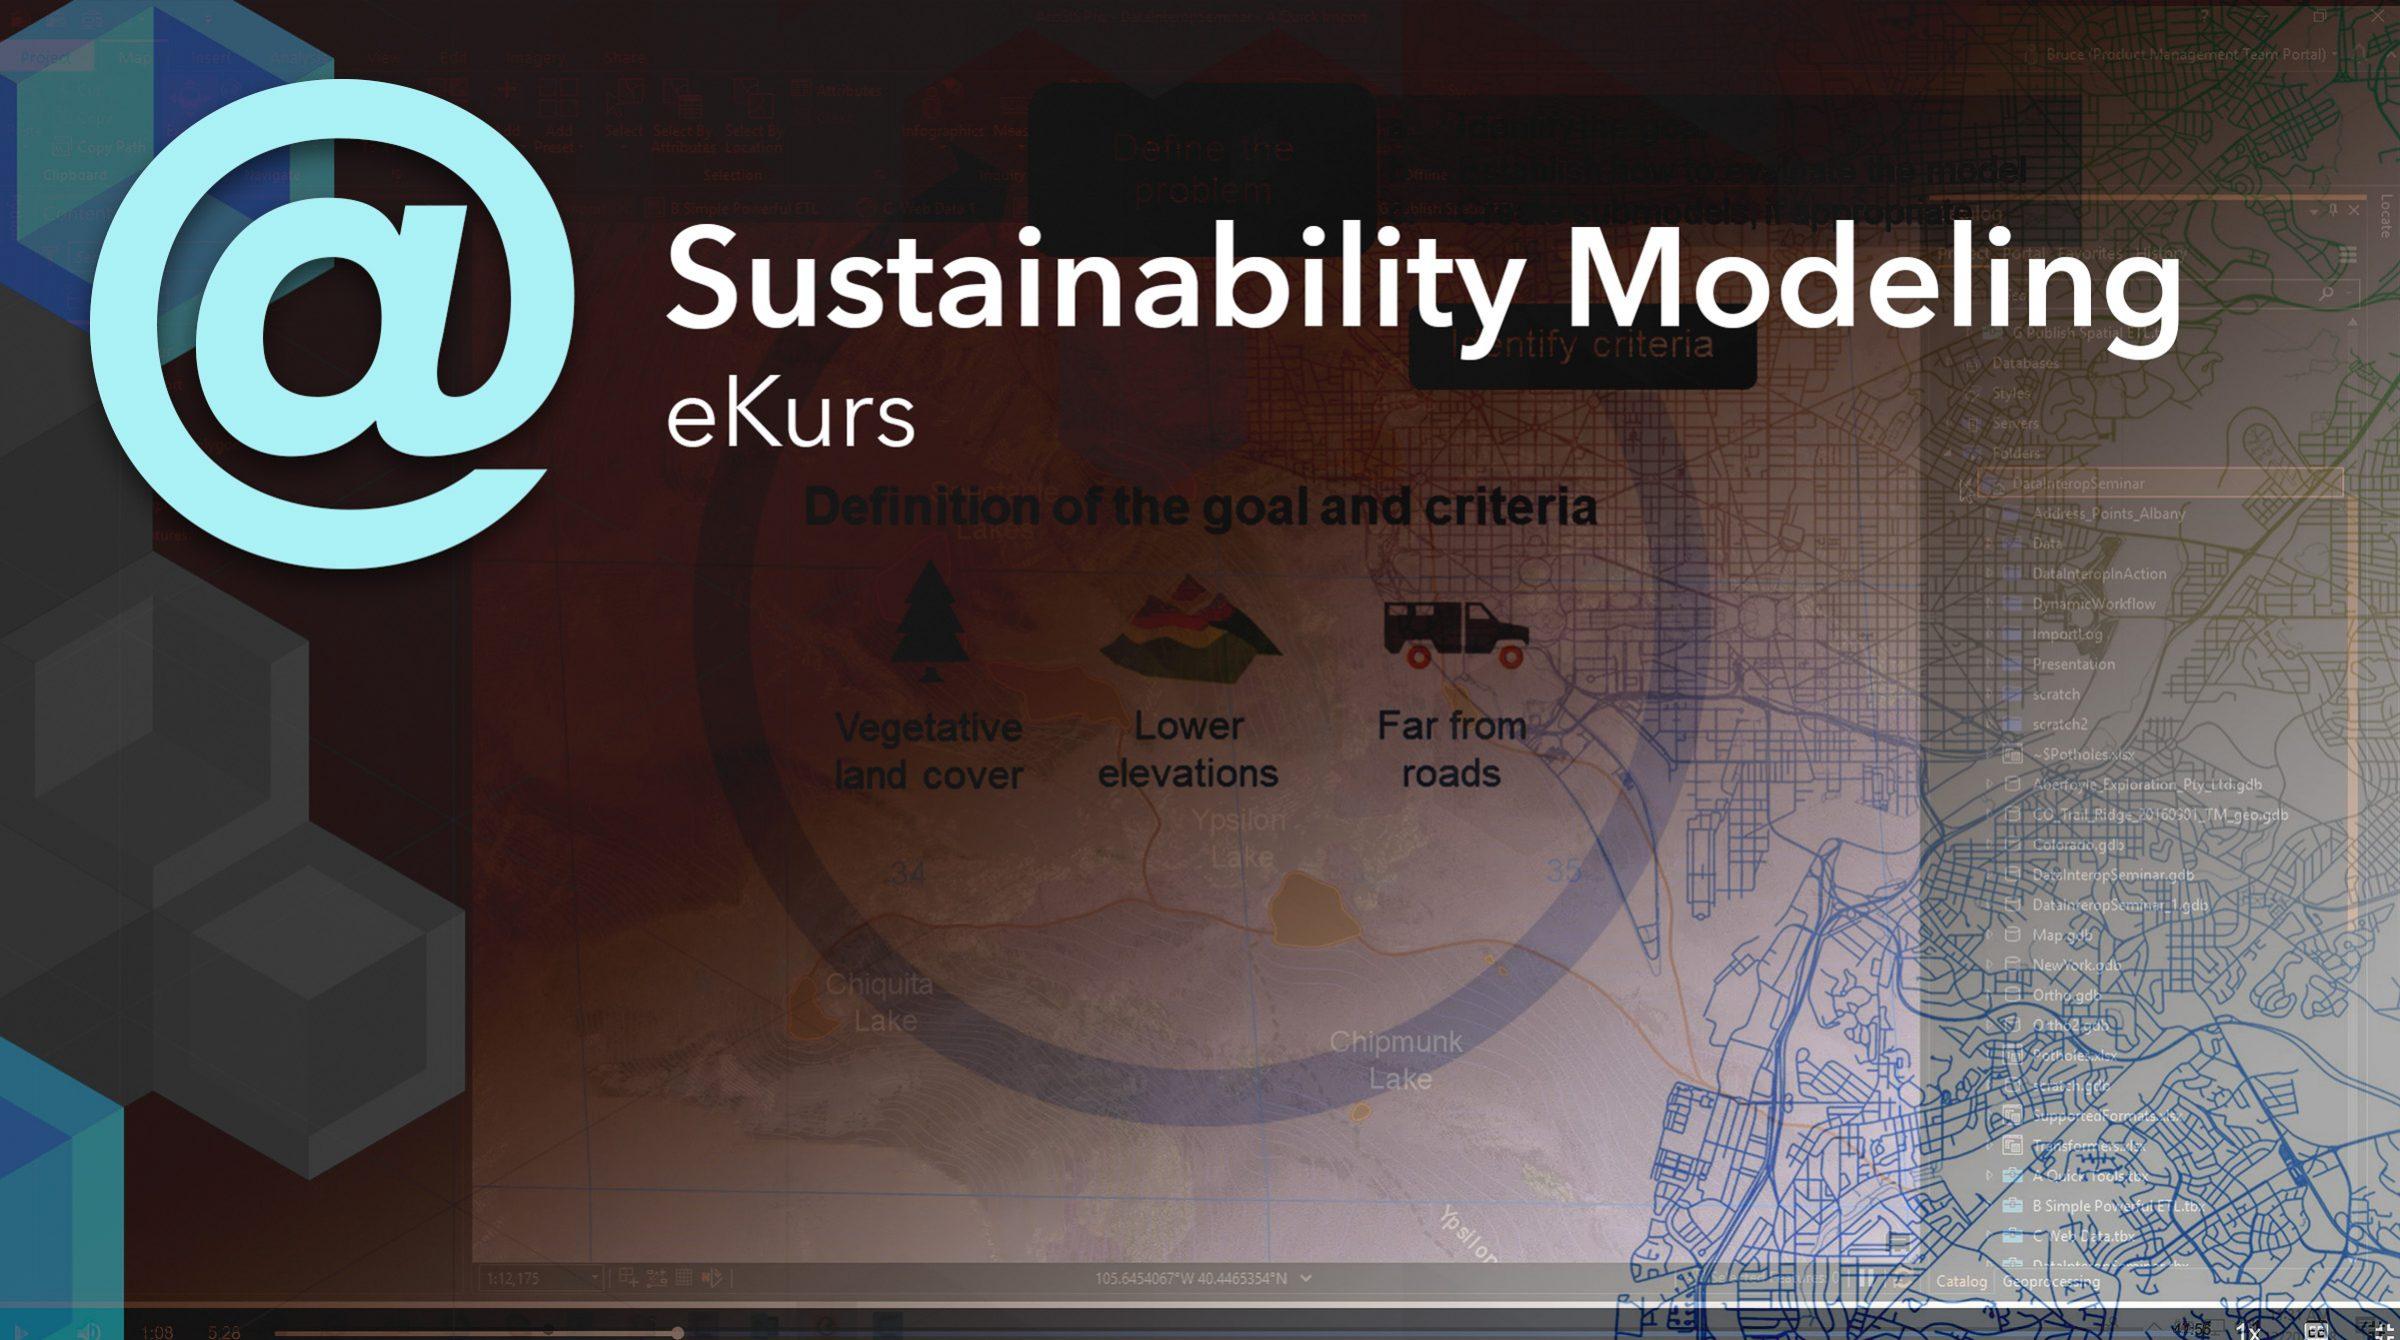 e-kurs i Sustainability Modeling